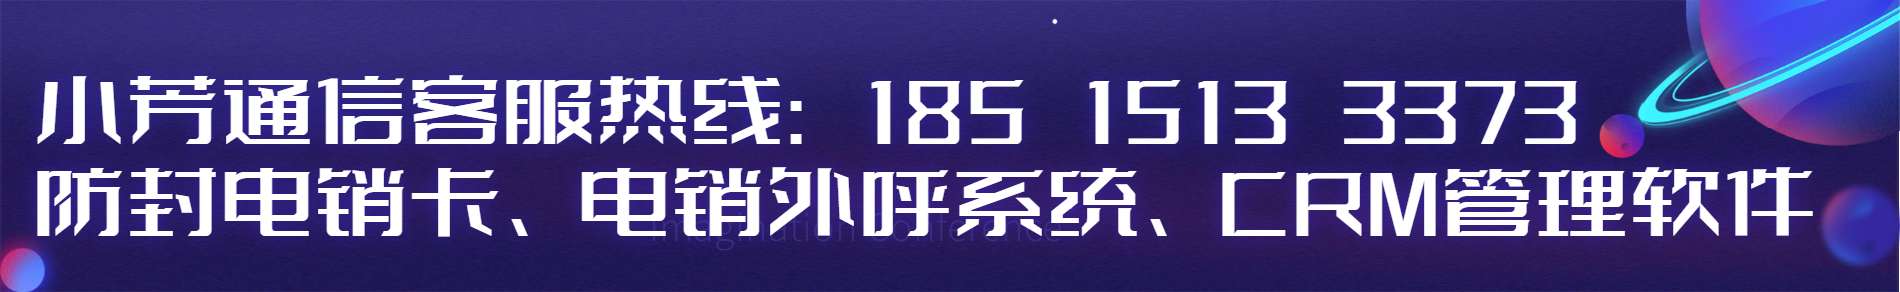 http://www.waihuka.com/data/upload/202101/20210116125253_142.jpg